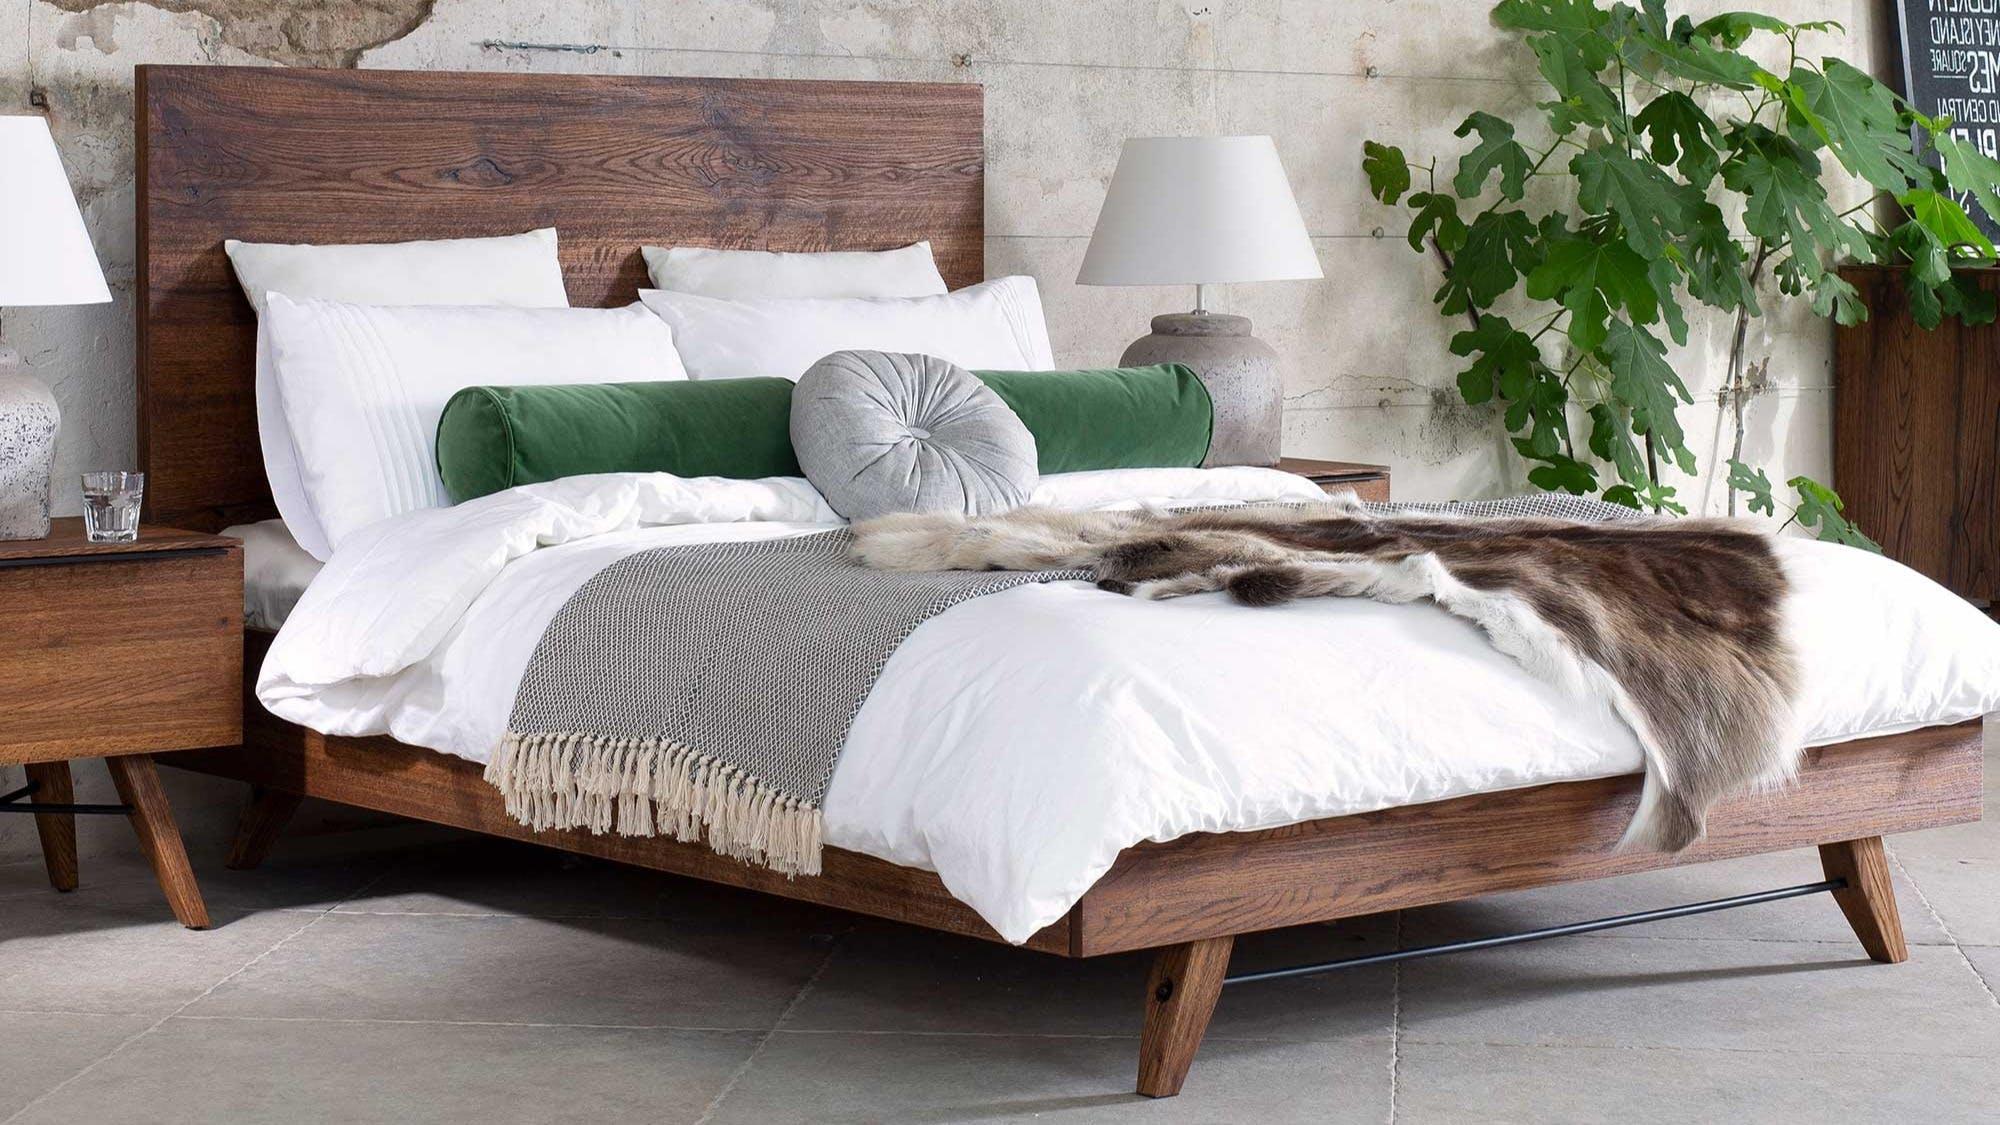 Meubles de chambre : lits, commodes, armoires...